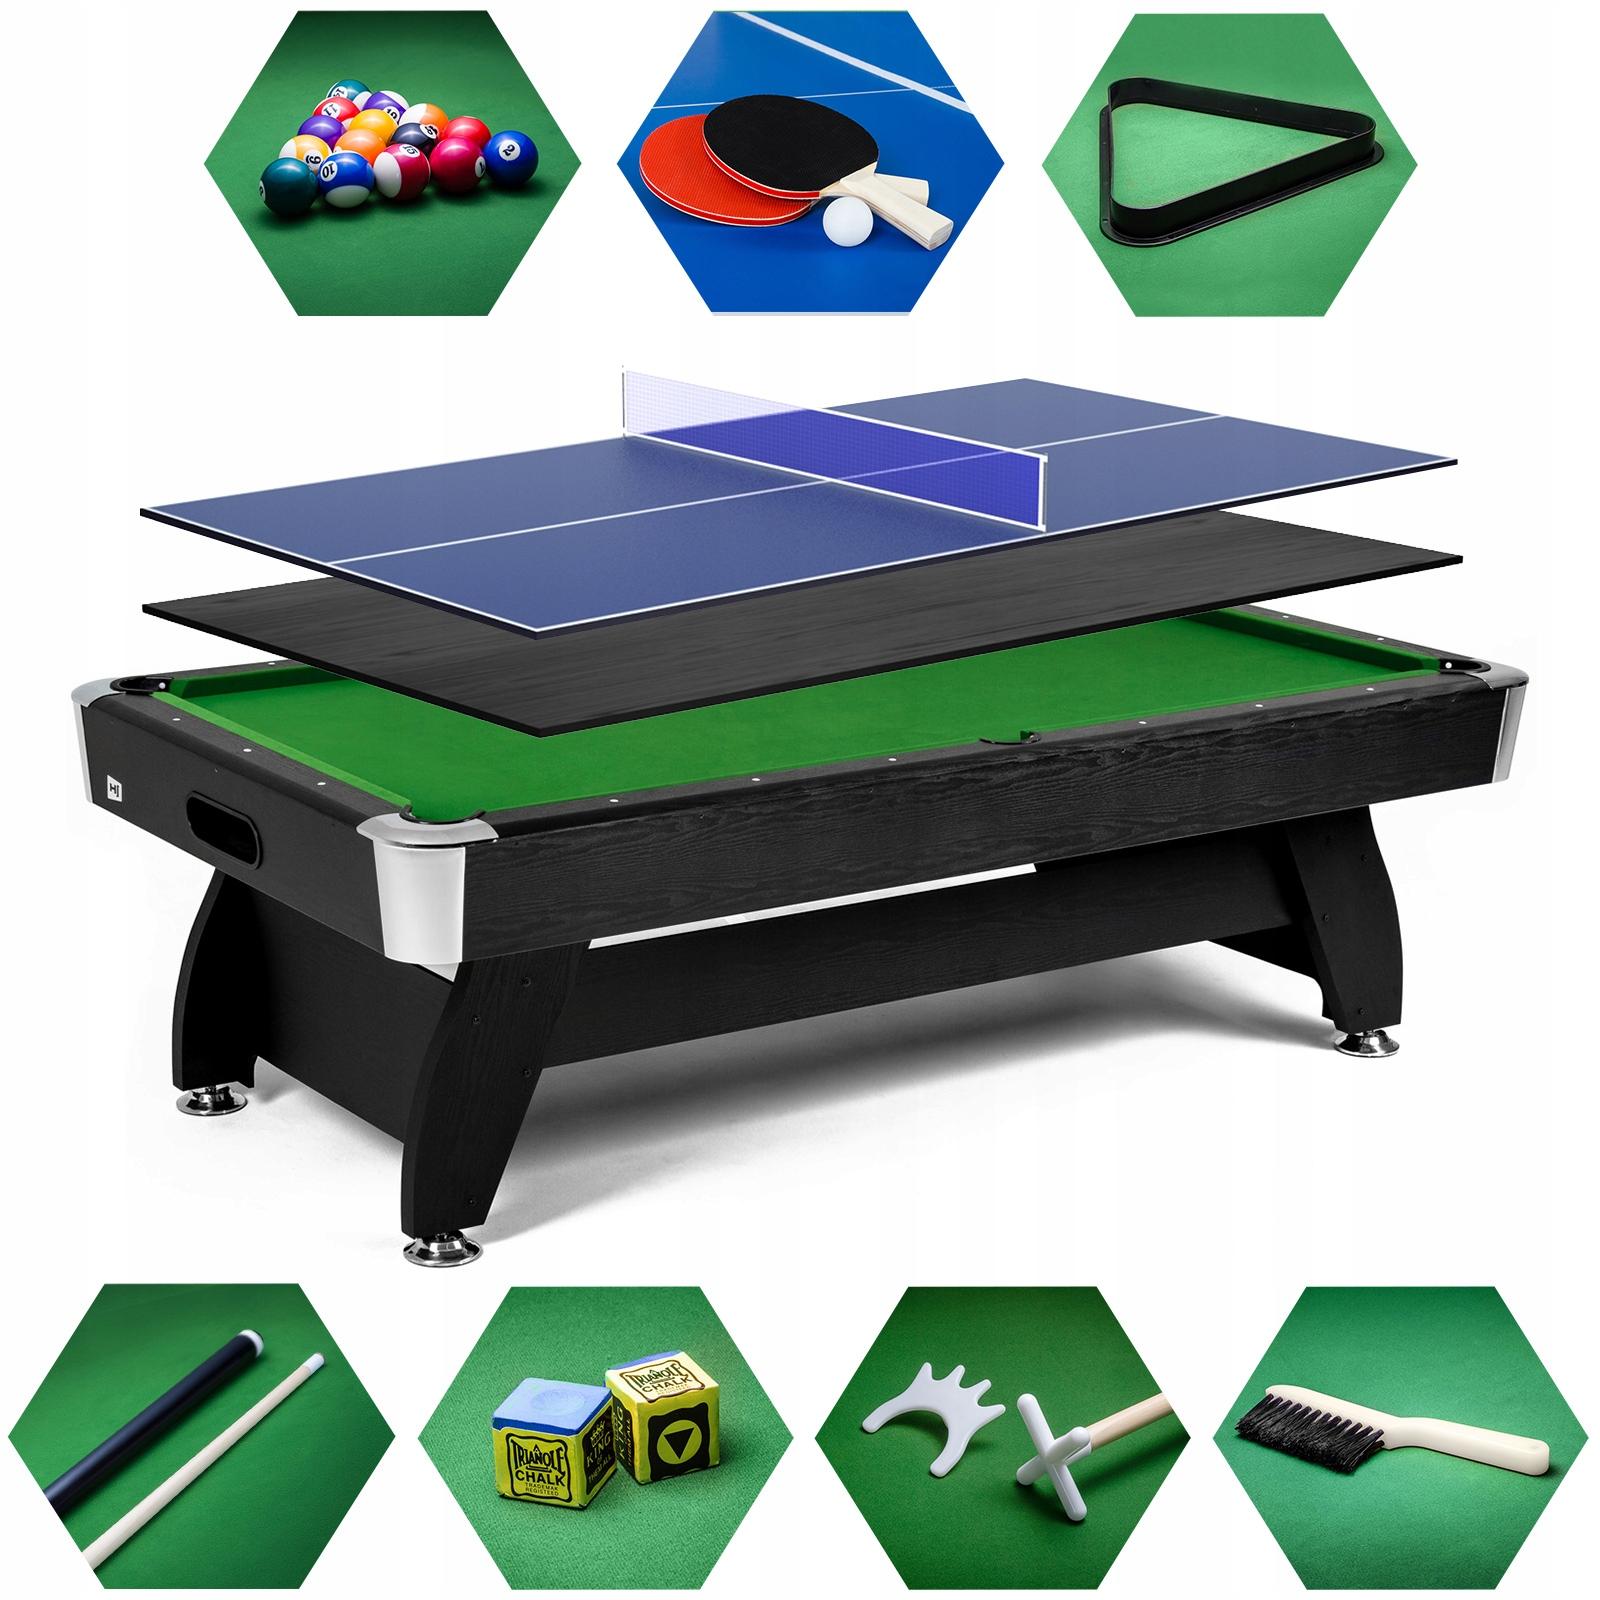 7-футовый бильярдный стол с принадлежностями для пинг-понга